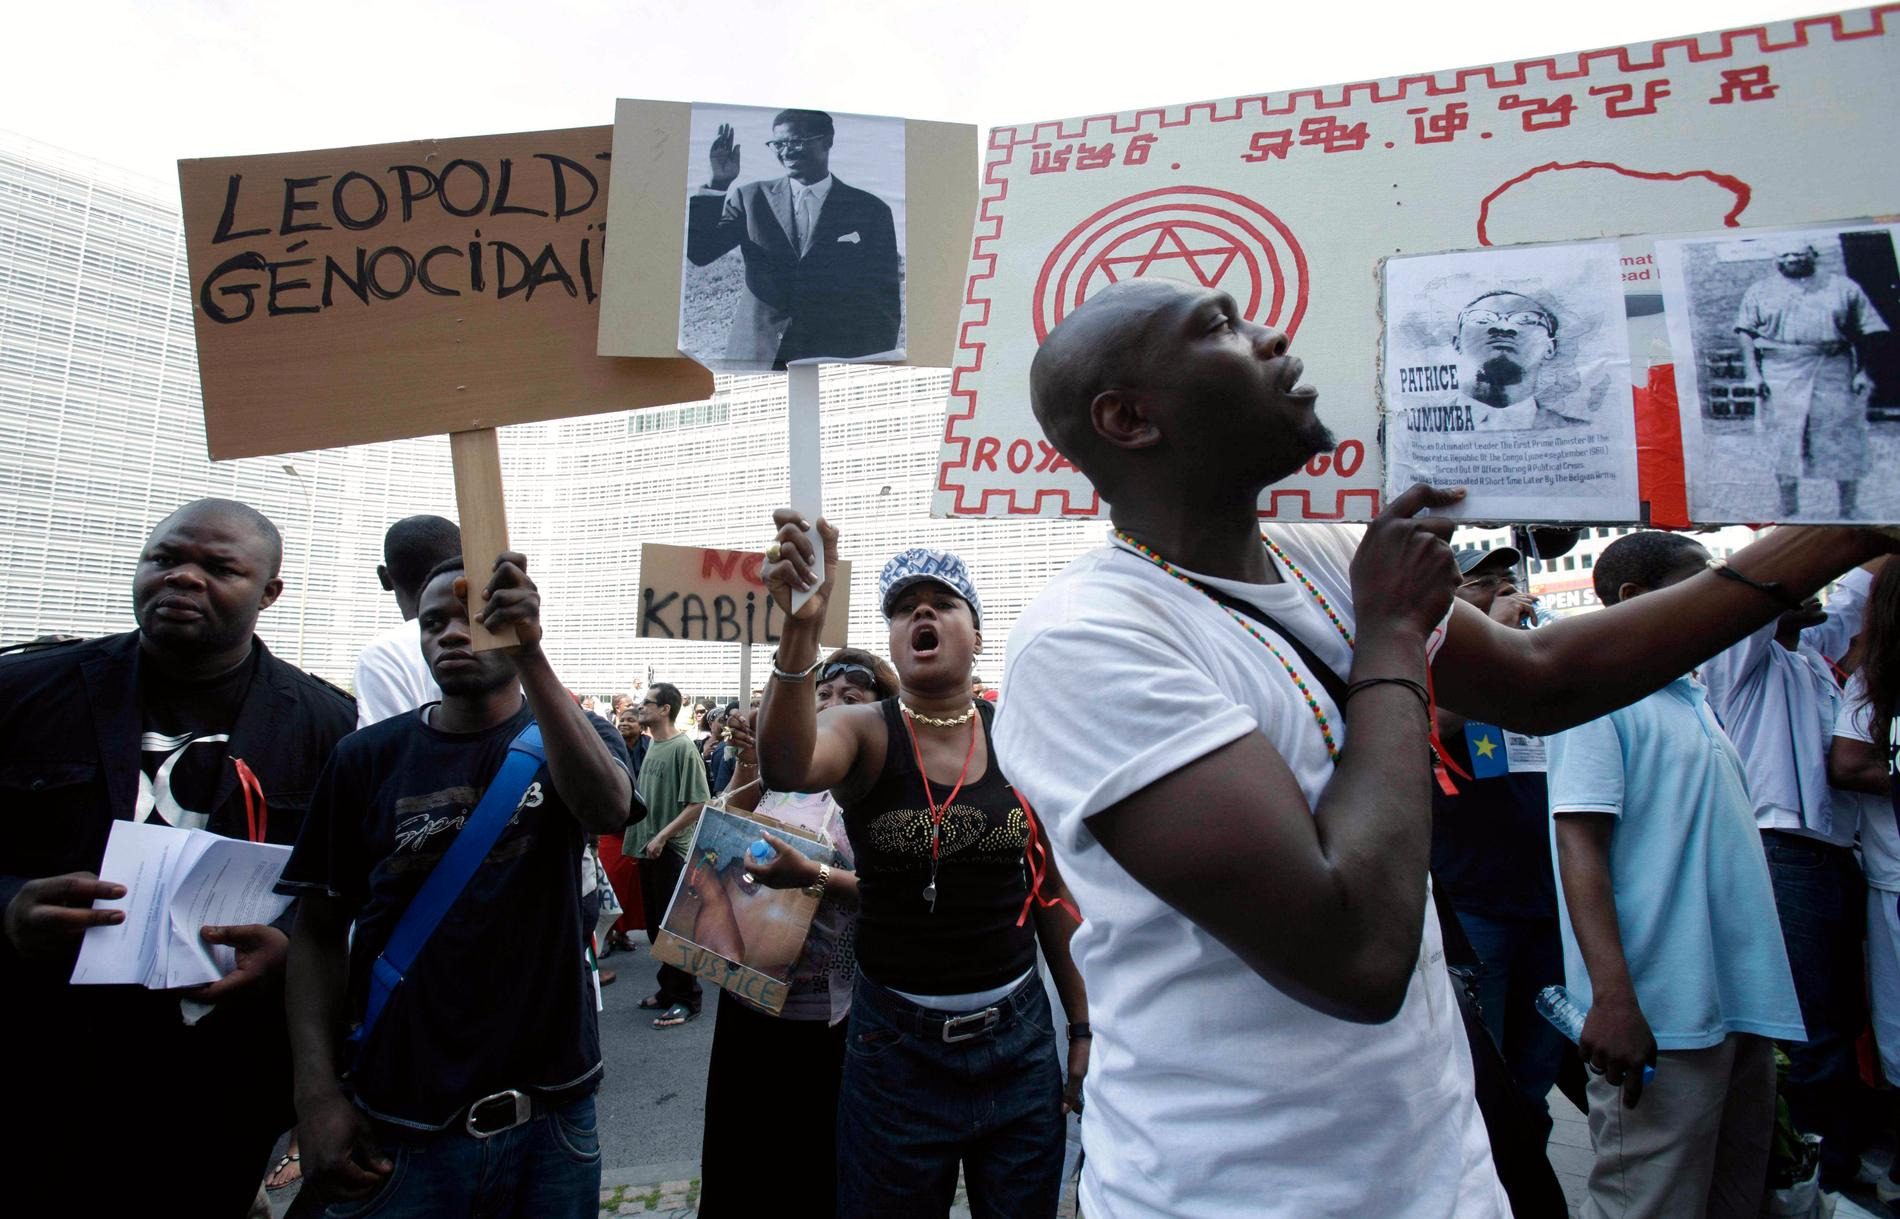 Protest i Bryssel mot skräckväldet i kolonin Kongo under kung LeopoldII. Arkivbild.